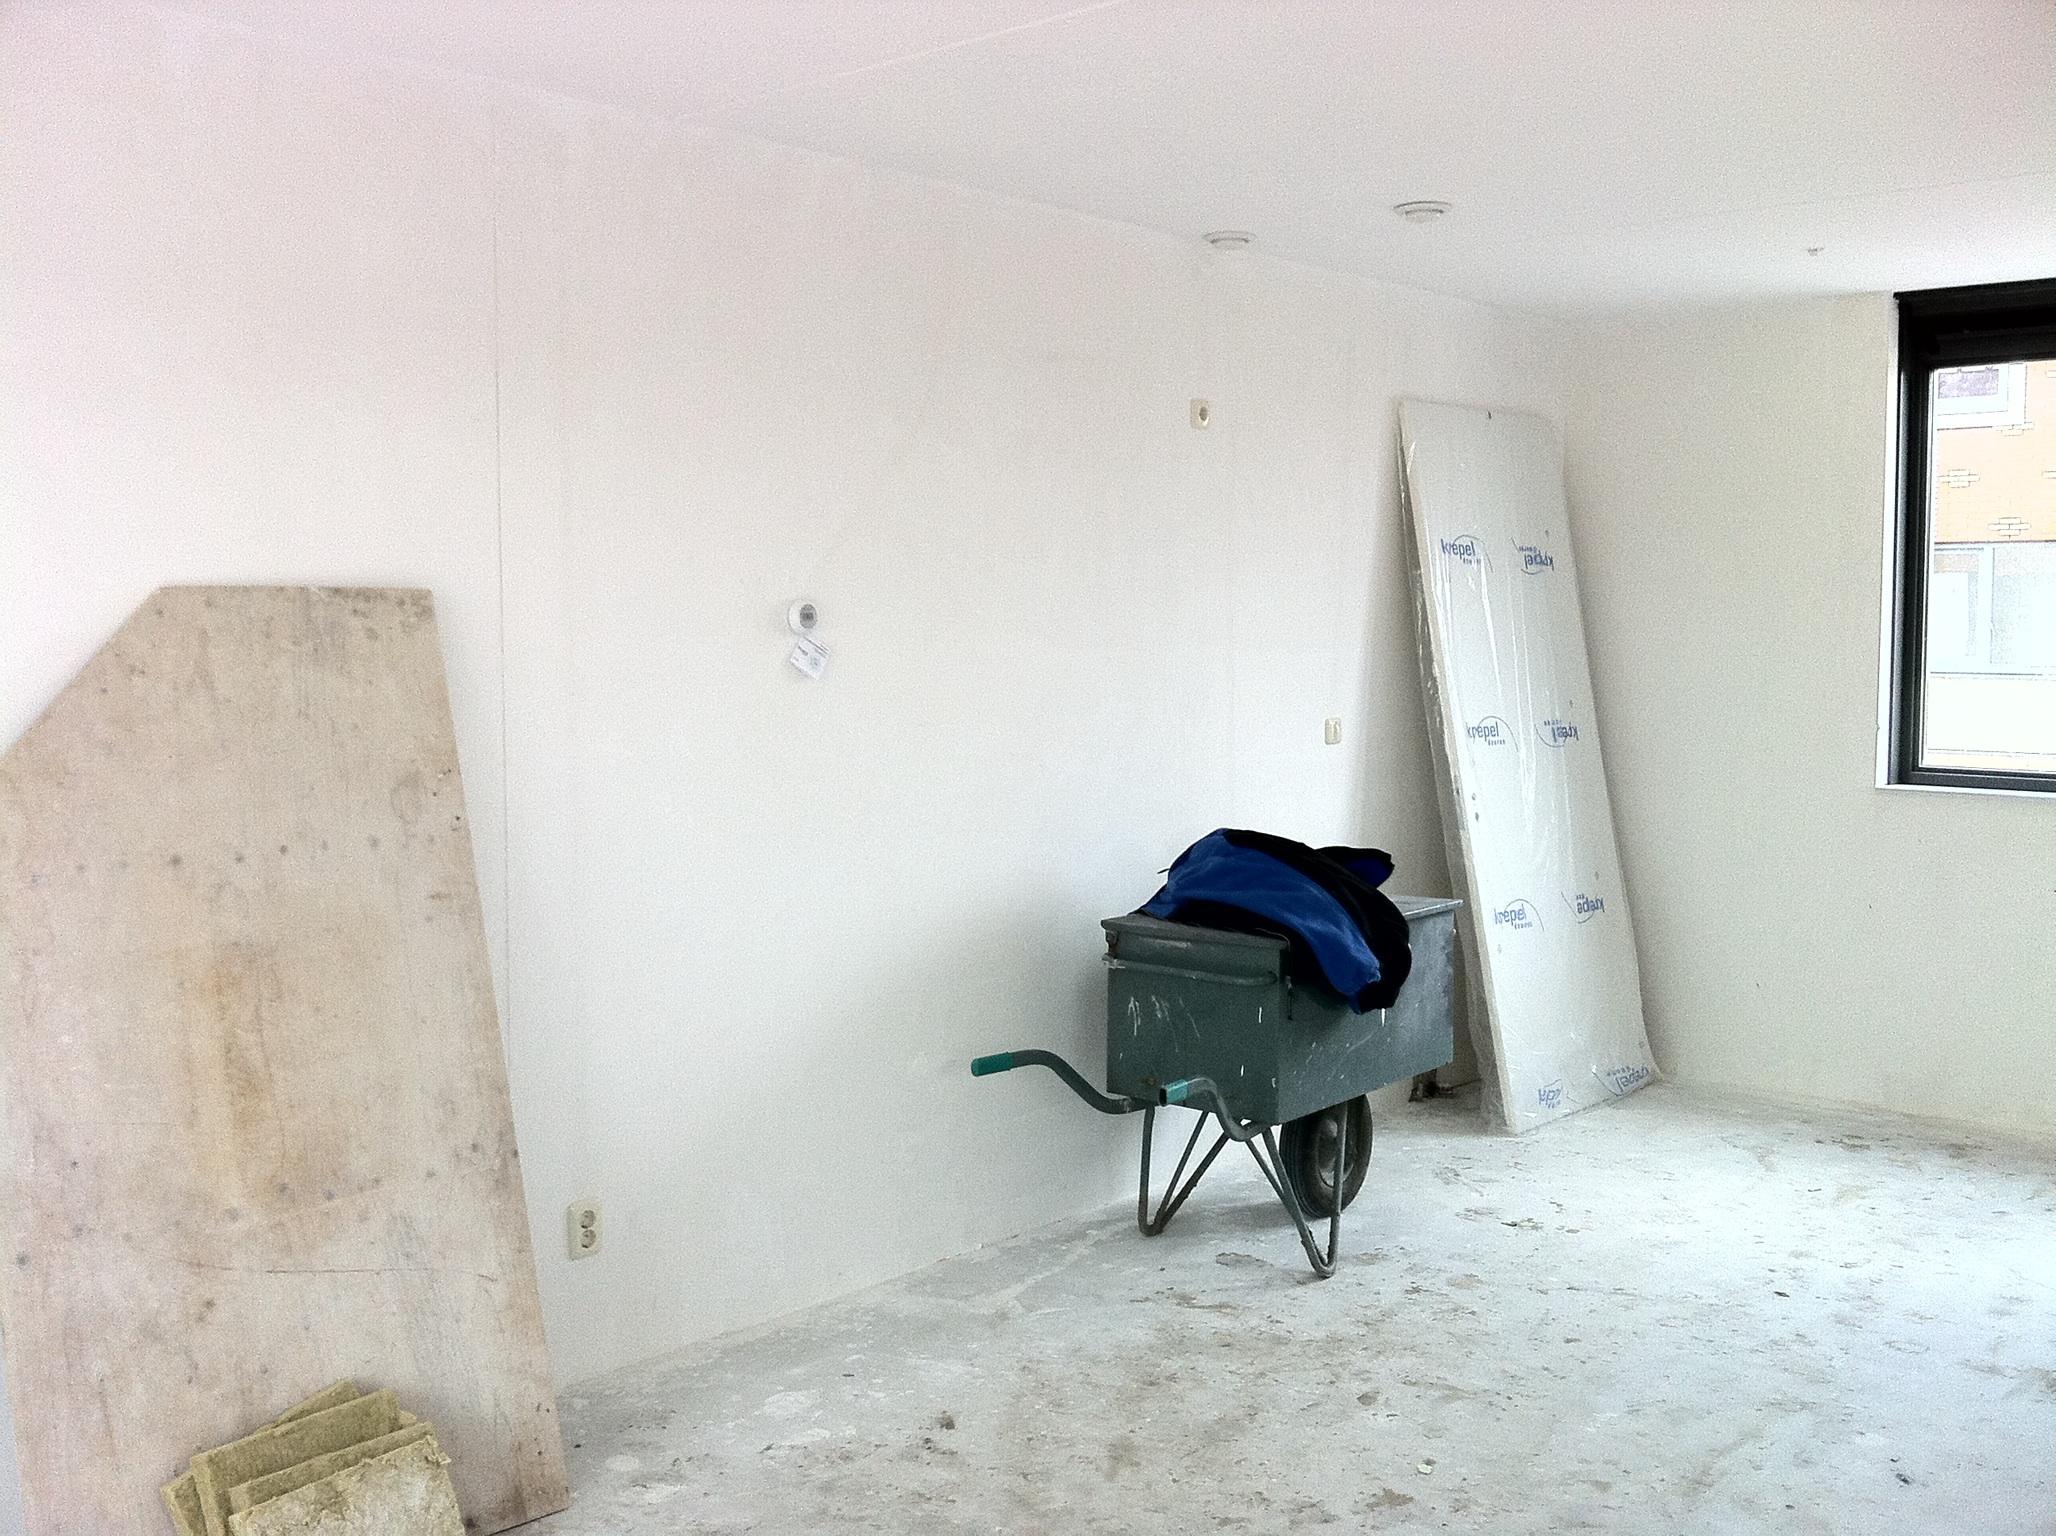 Muren afwerken nieuwbouw great muren en plafonds foto for Behangklaar